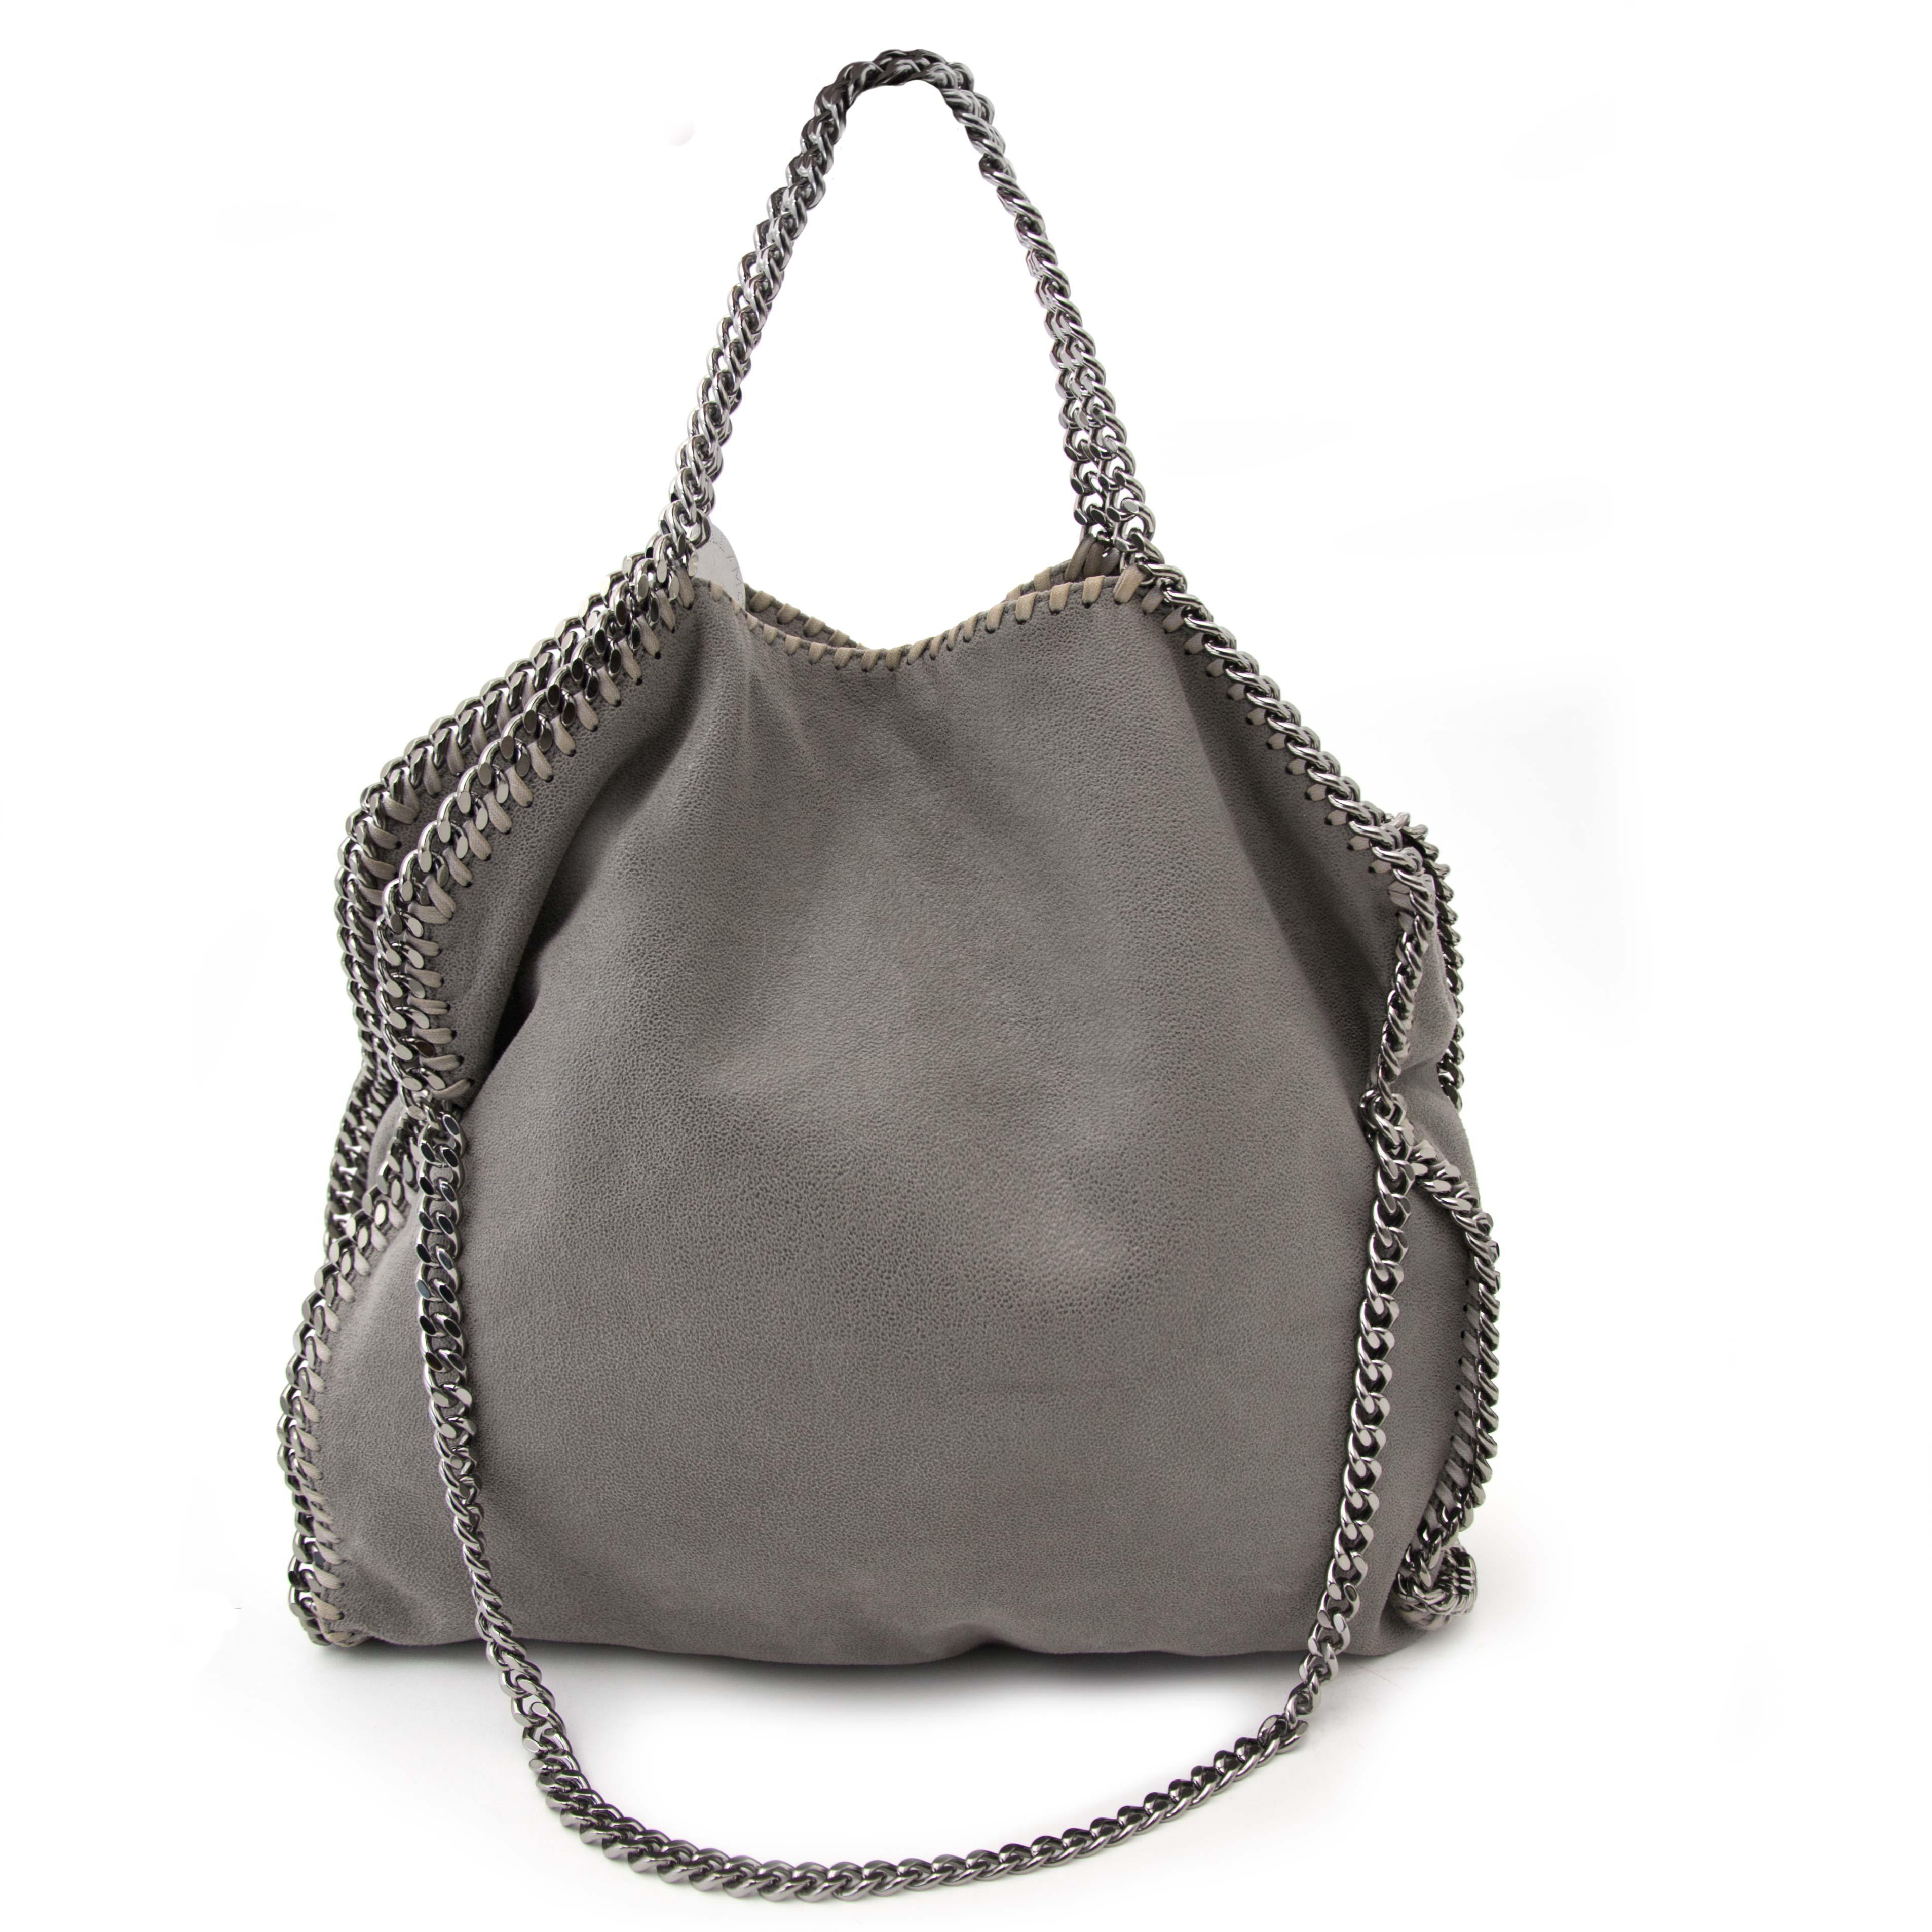 Acheter secur en ligne votre sac a mains Stella McCartney Grey Falabella Fold-Over Bag pour le meilleur prix